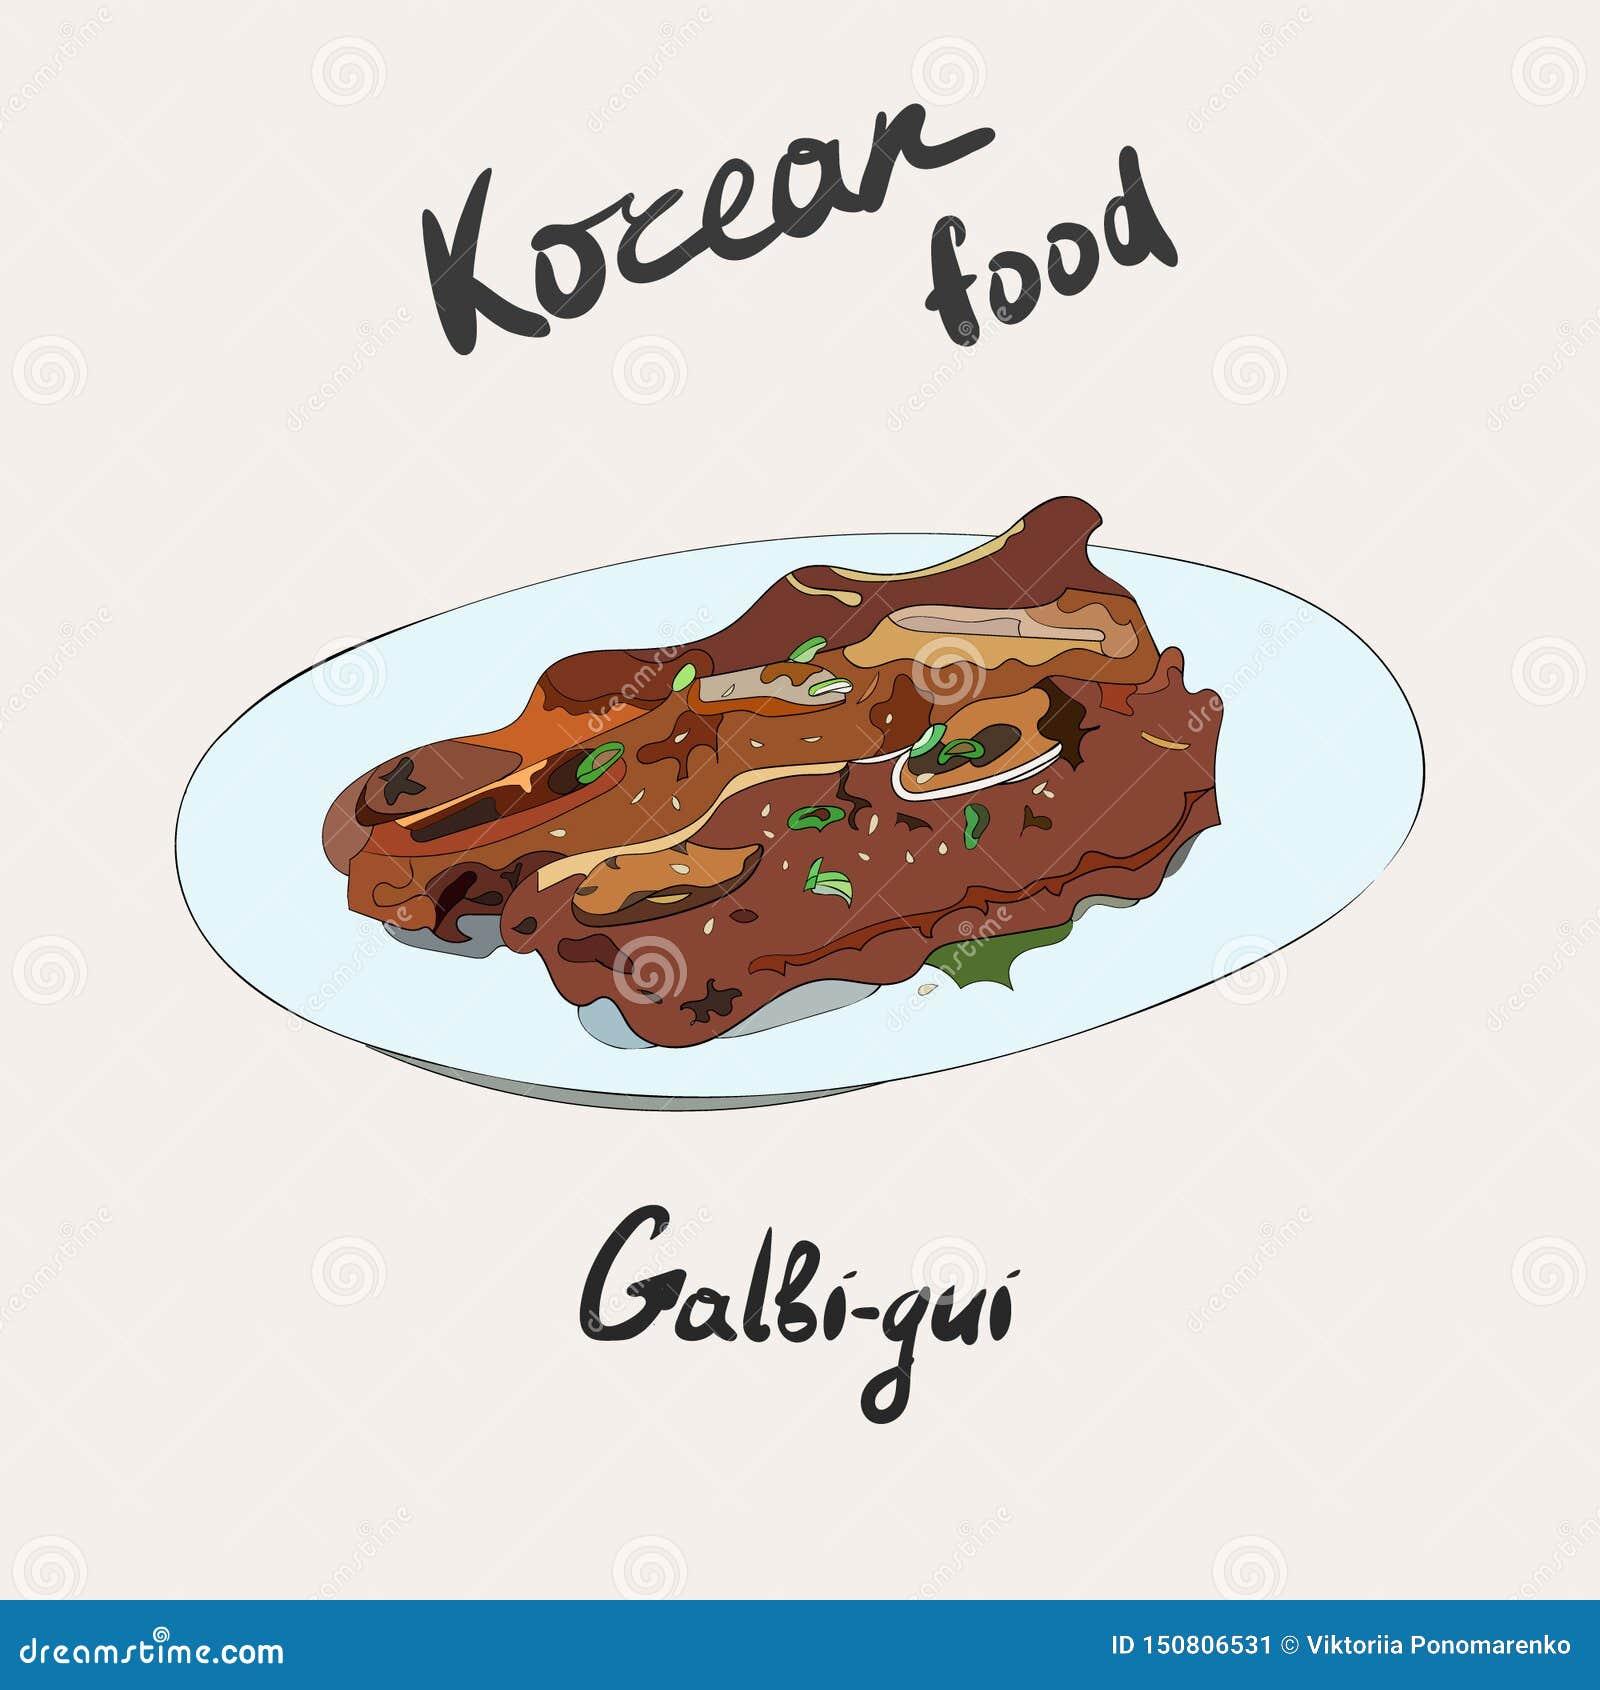 Корейское барбекю, galbi, galbi-gui, или зажаренные нервюры Традиционный корейский гарнир